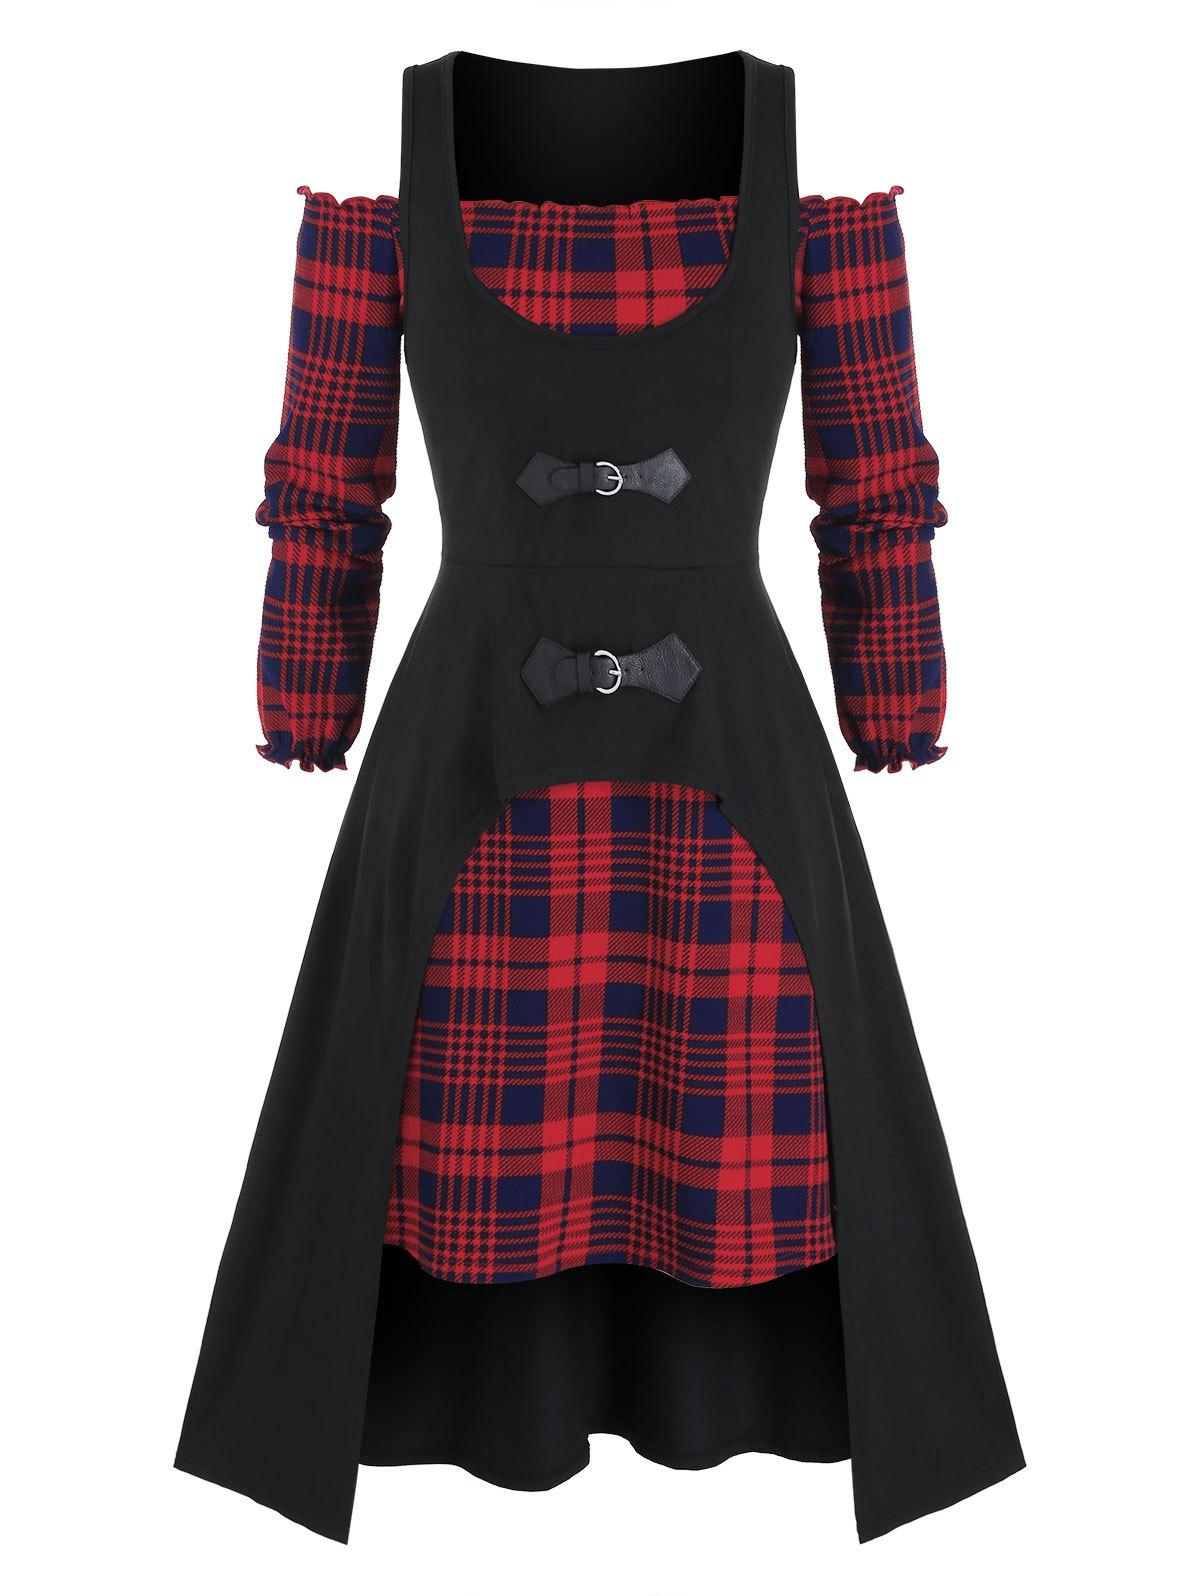 Plus Size Off Shoulder Plaid Dress and Buckle Long Tank Top Set